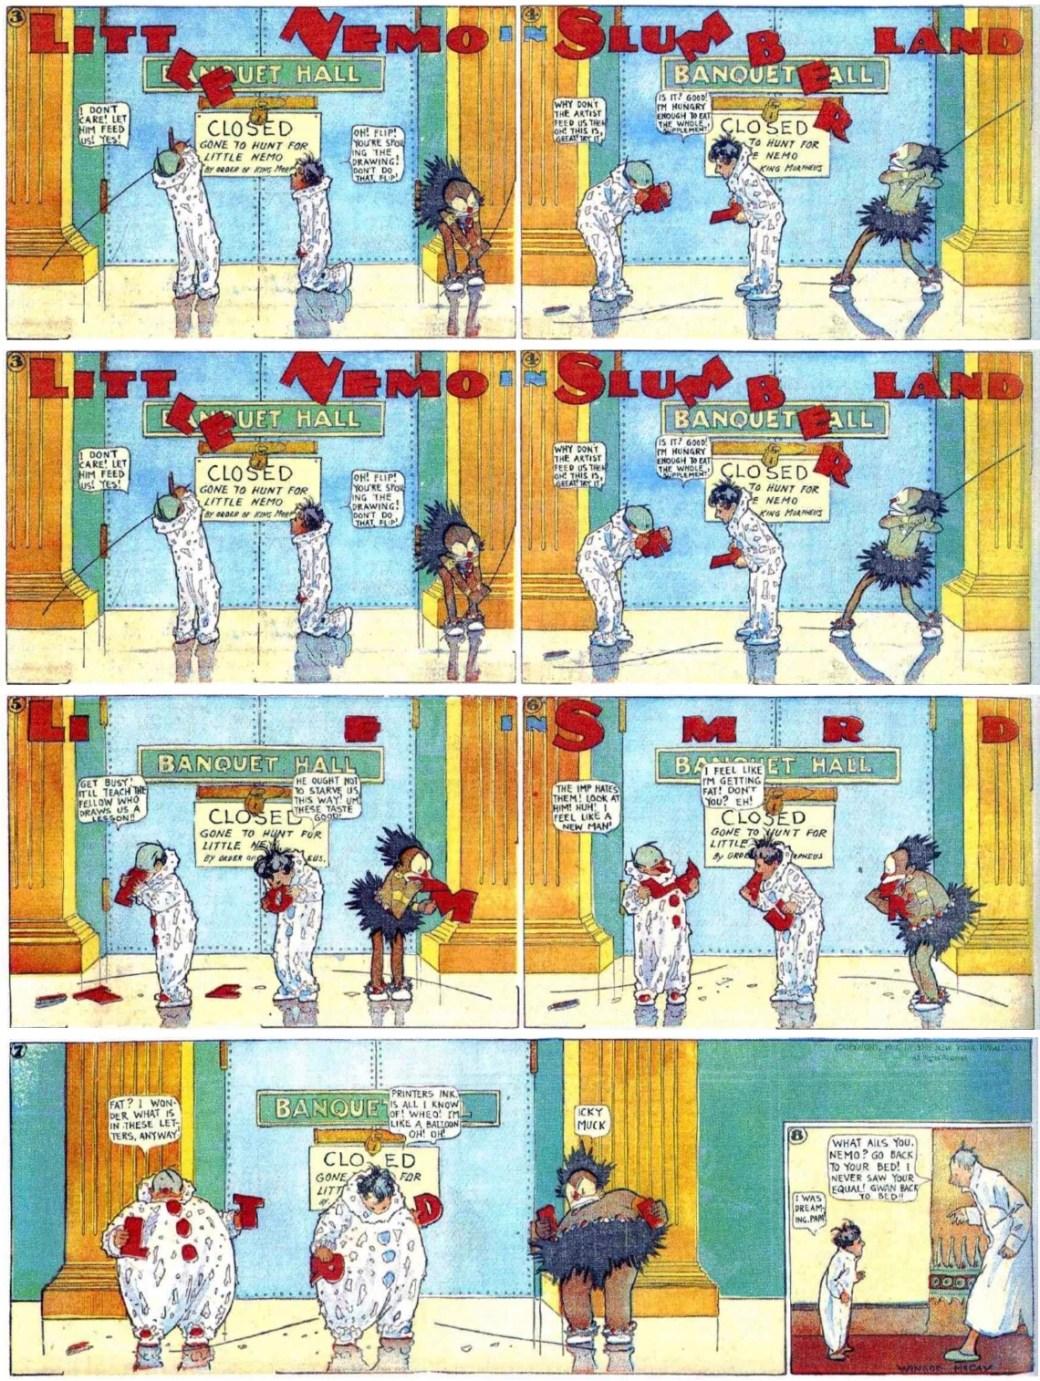 En söndagssida med Little Nemo in Slumberland, från 1 december 1907, som bryter igenom fjärde väggen när seriefigurerna tar loss serierutans ram, och äter upp bokstäverna i seriens titel. ©New York Herald